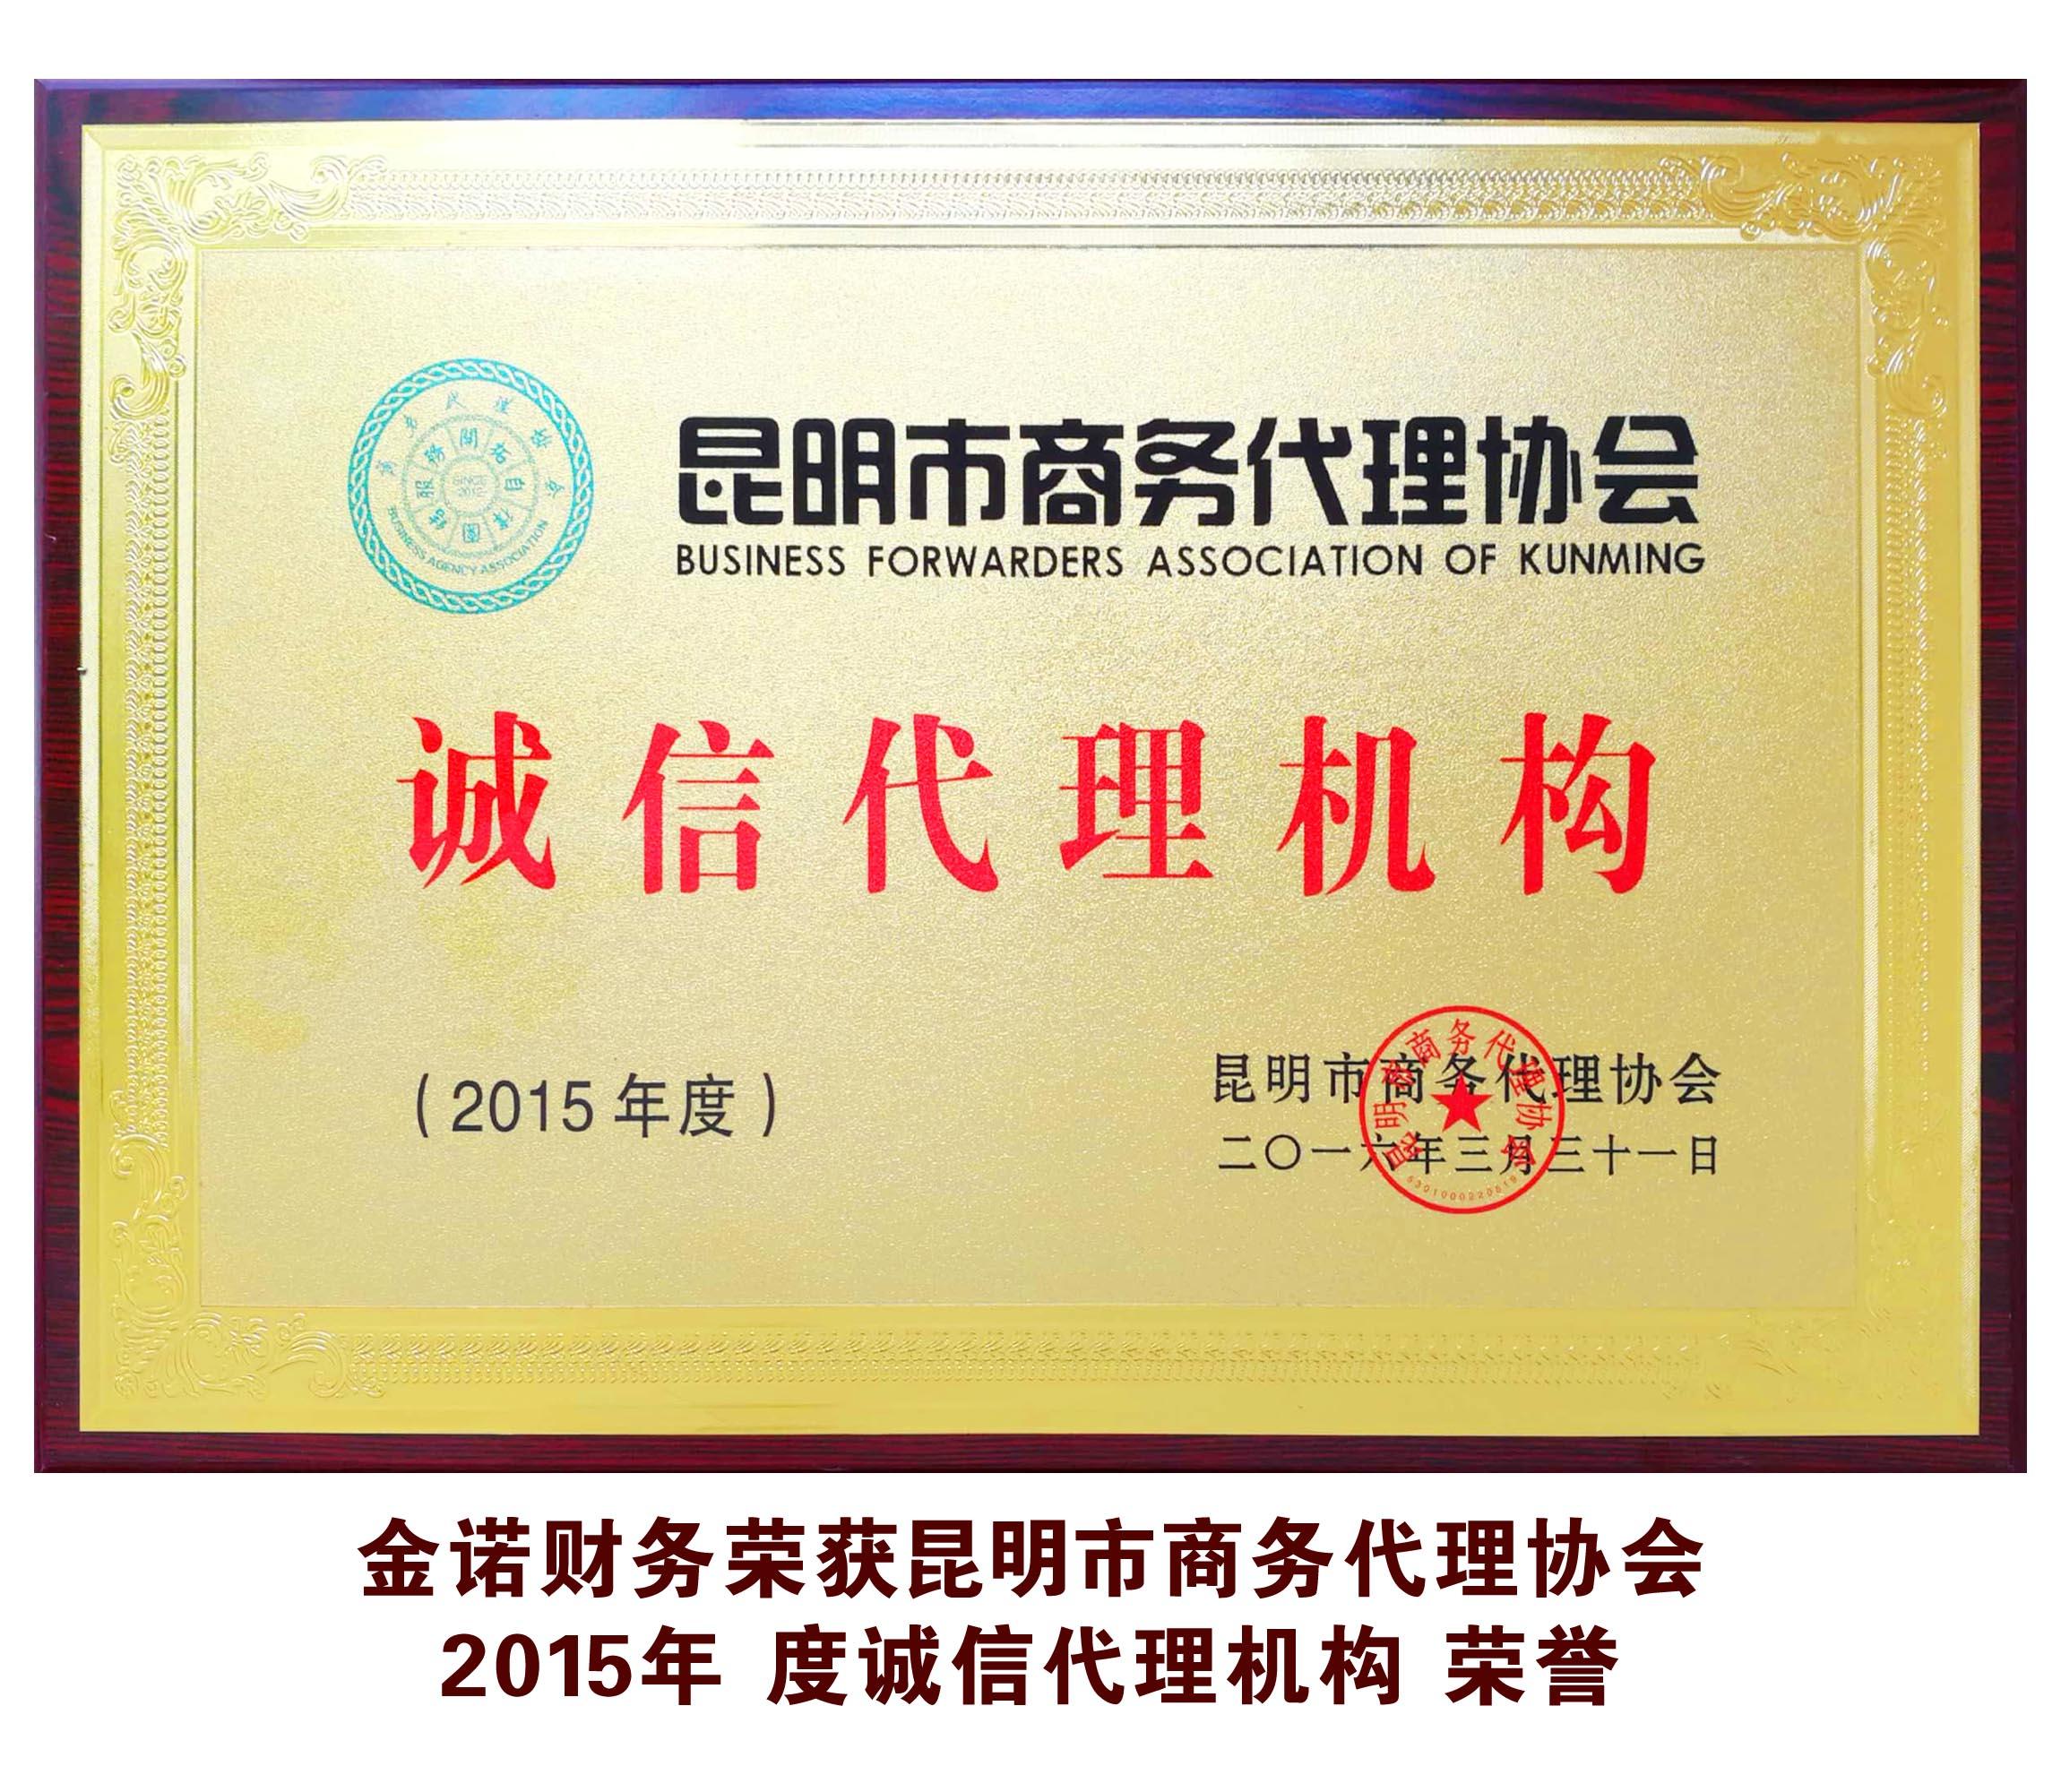 2015年度誠信代理機構